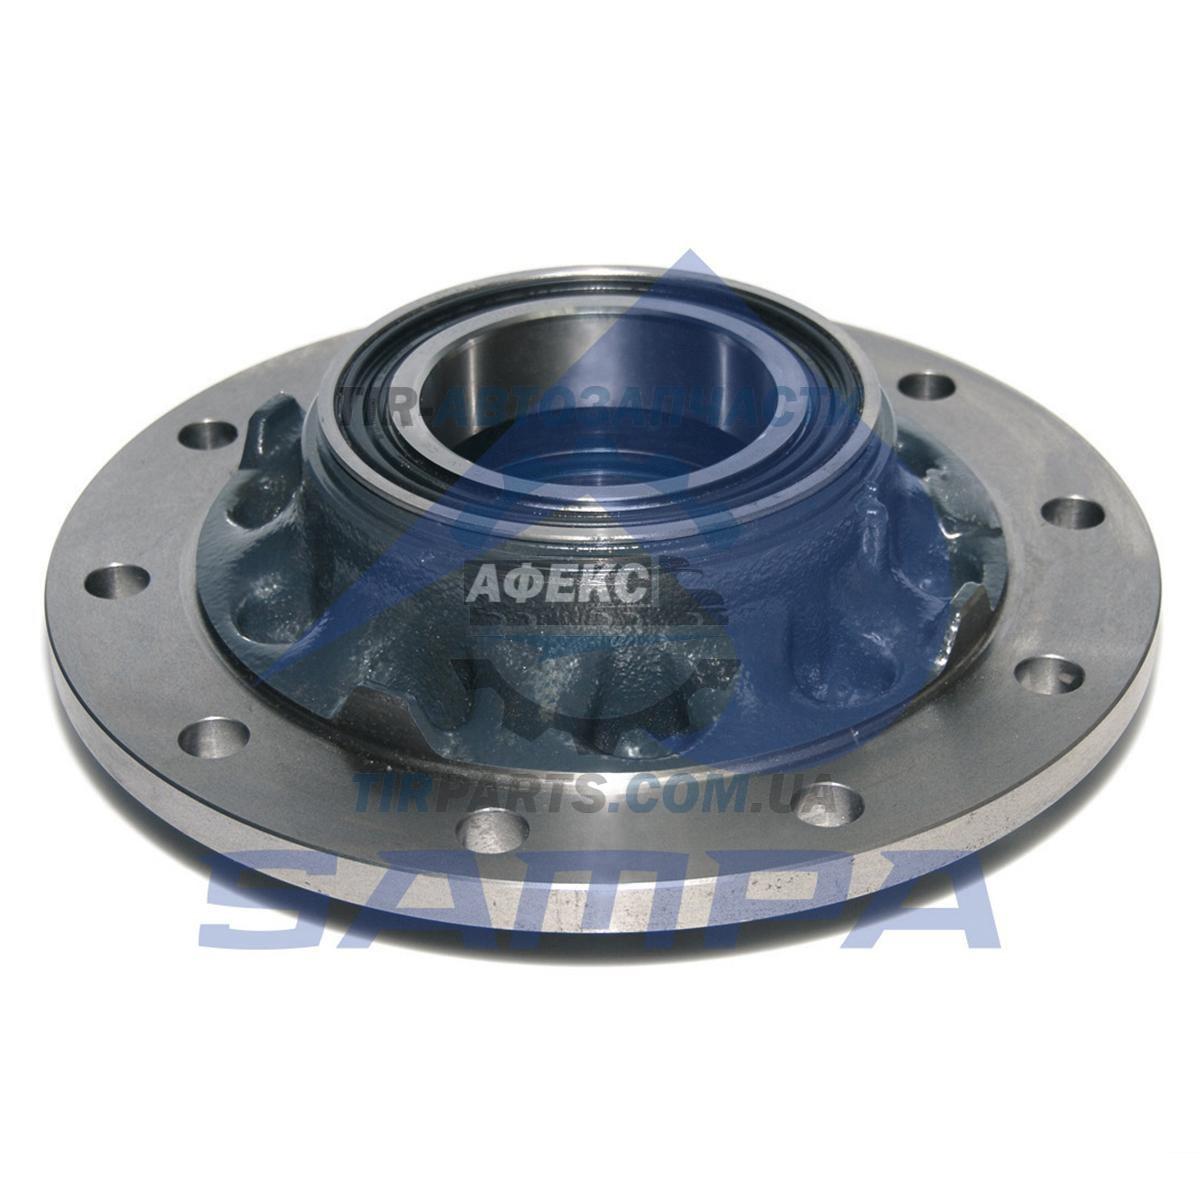 Ступица колеса c ABS SKRS9042 в сборе с подшипниками + сальники H=124mm/D=385mm SAF/SCHMITZ 12T (3307300600  